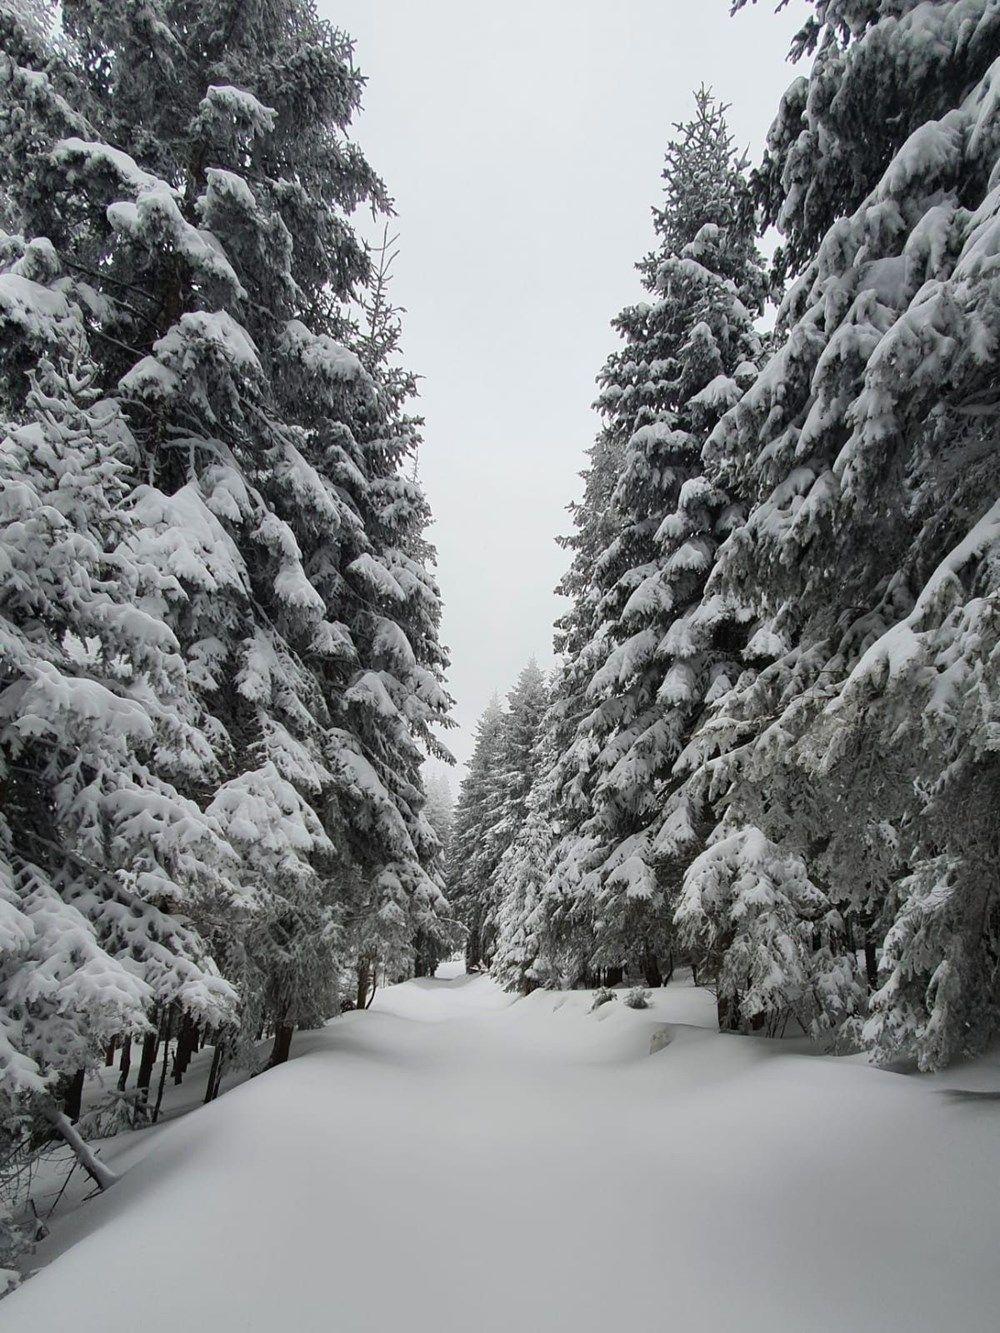 Düzce'de nisan ayında 120 santimetre kar - Sayfa 4